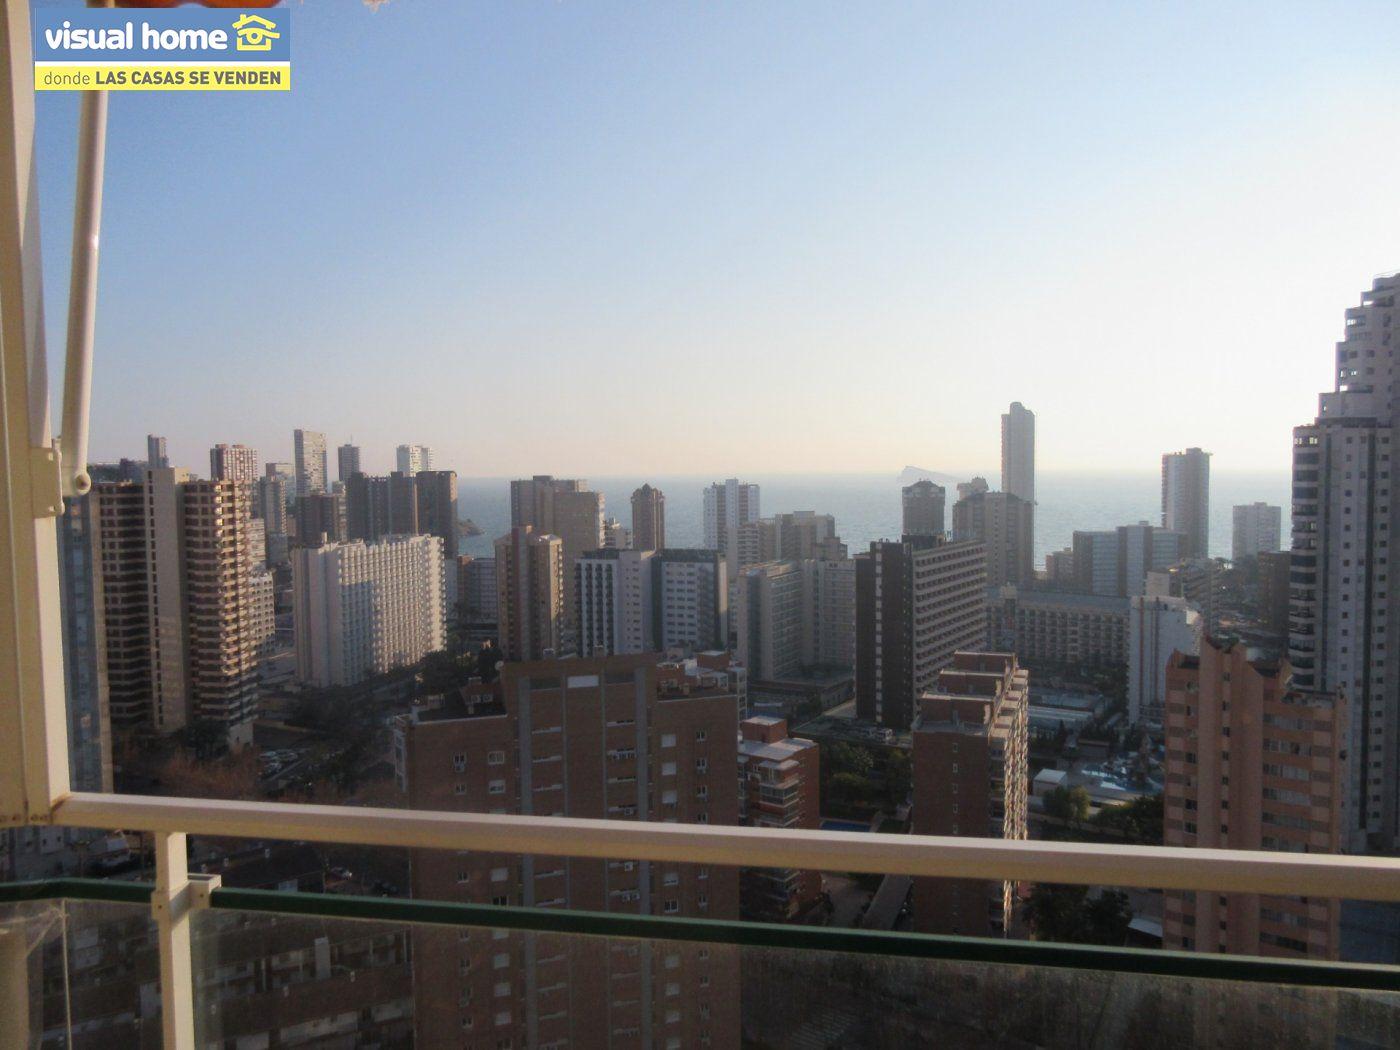 Apartamento 1 dormitorio con vistas espectaculares con parking y piscina en Rincón de Loix llano 33